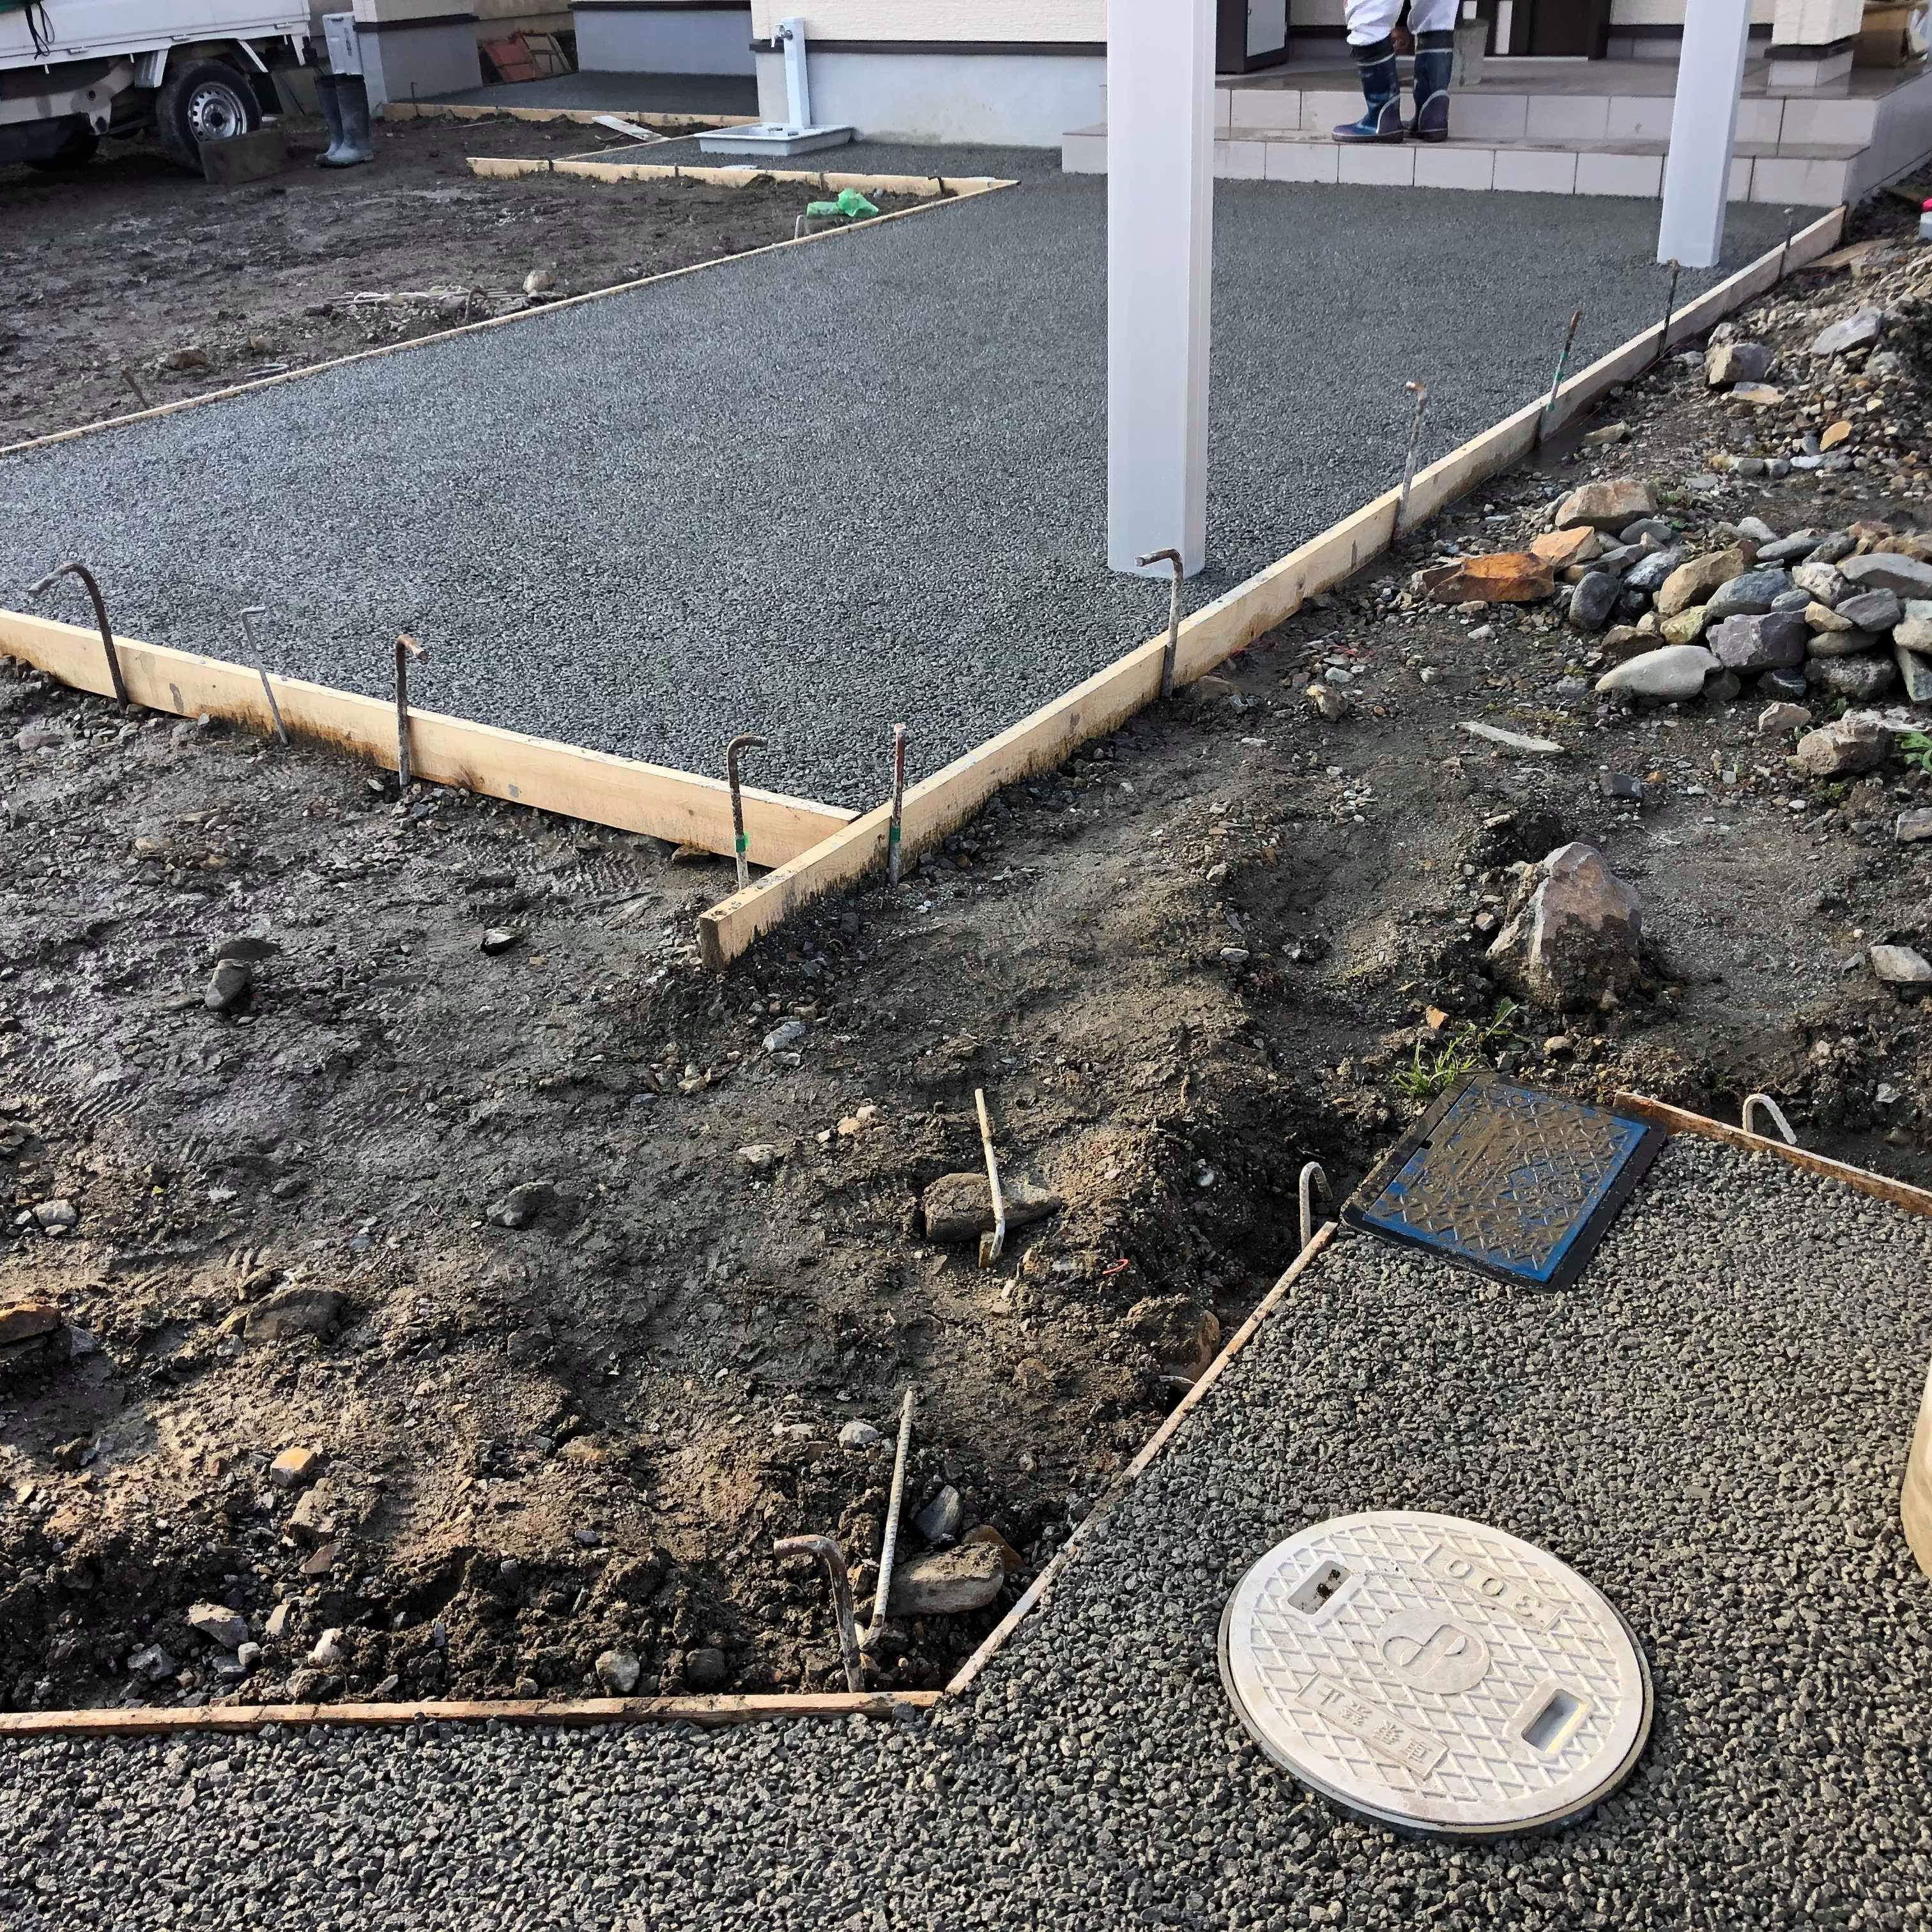 【愛媛】「排水のない、テラス・アプローチ・道路境界の舗装をしたい」愛媛生コン